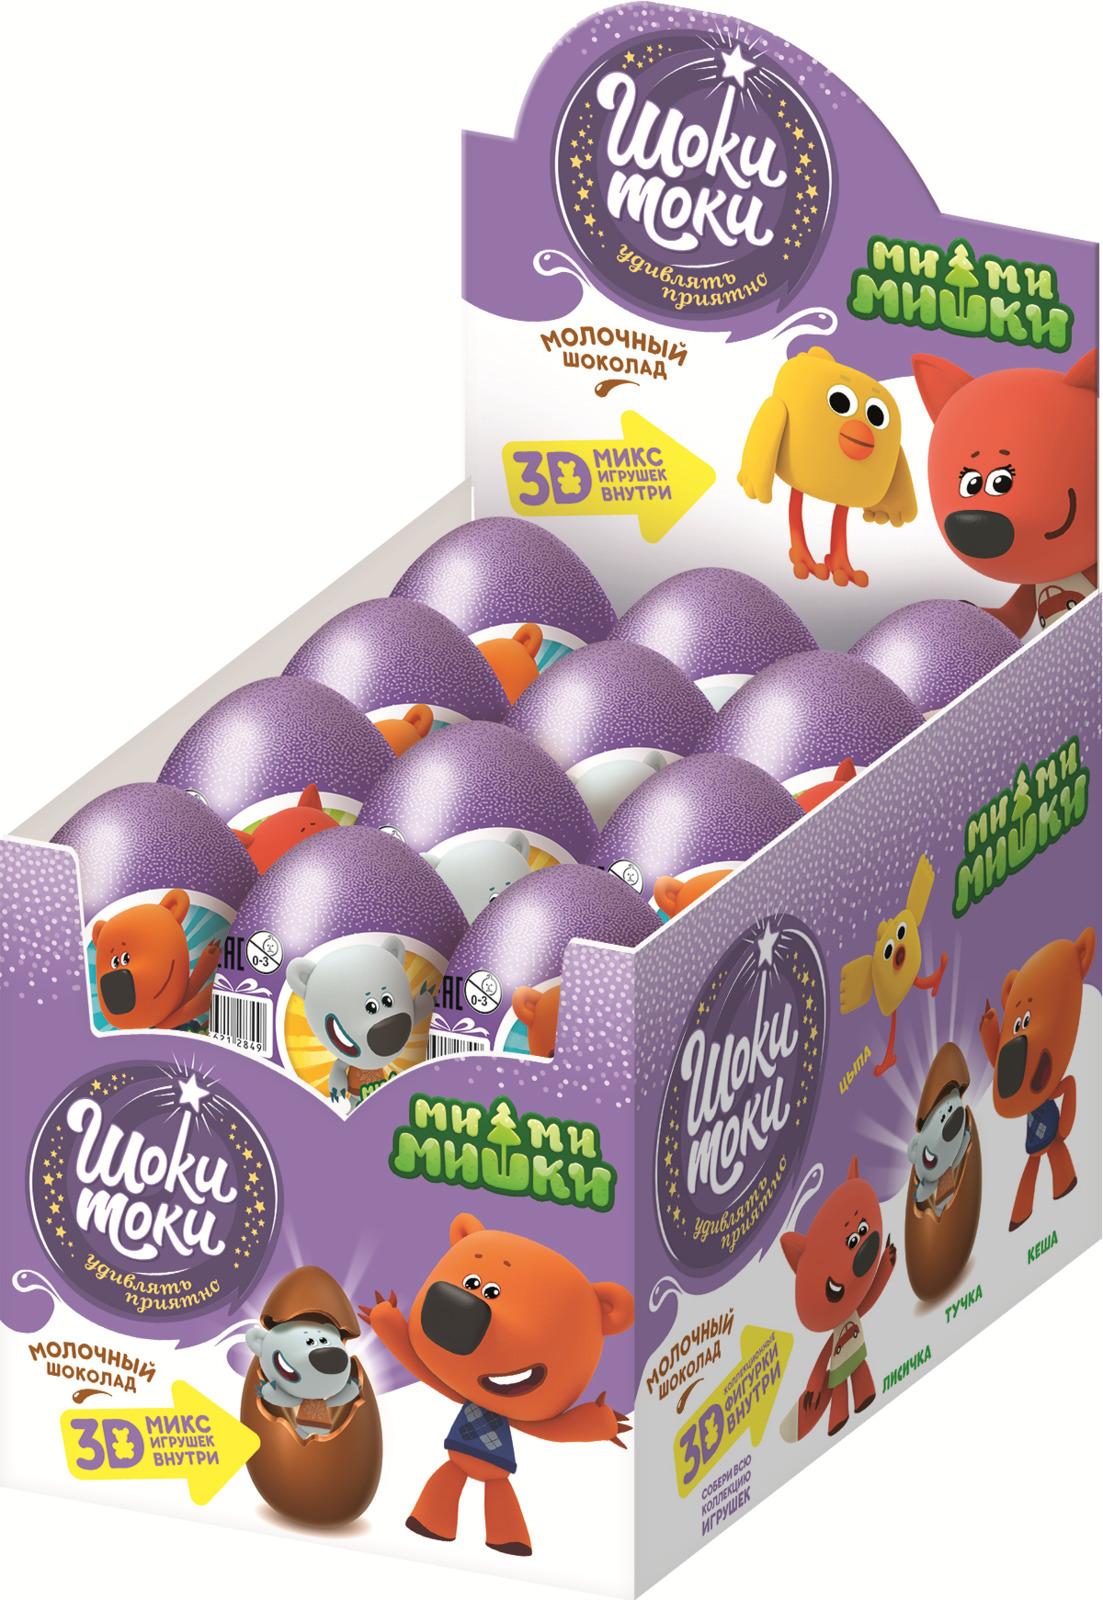 Шоколадное яйцо с игрушкой Конфитрейд Шоки-Токи Ми-Ми-Мишки, 24 шт по 20 г десерты конфитрейд ми ми мишки в сахарной глазури с игрушкой 20 г